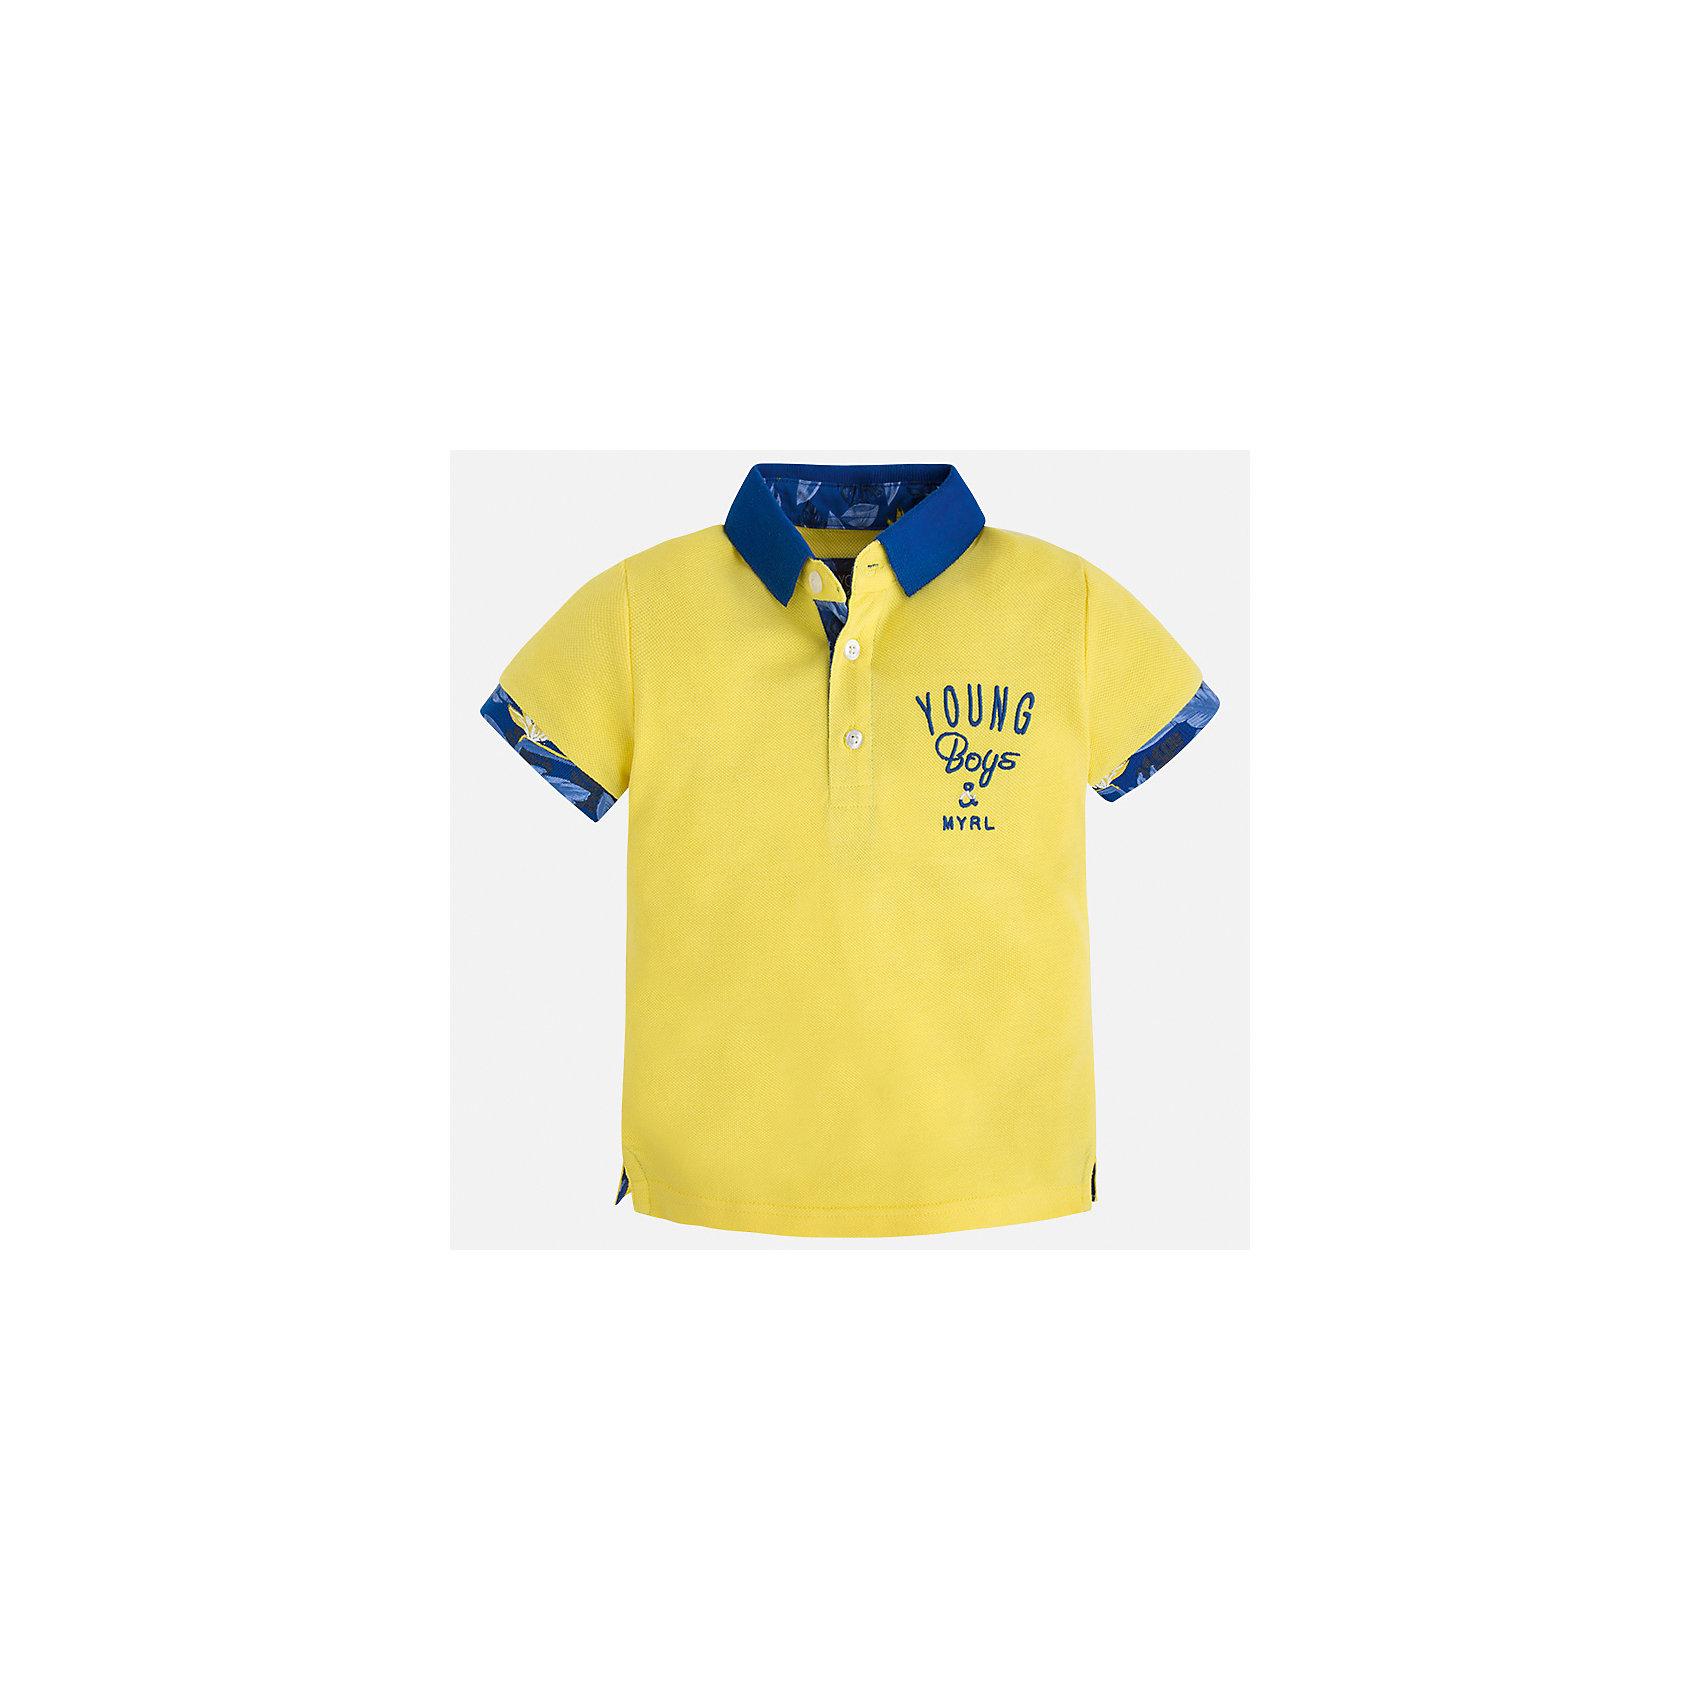 Футболка-поло для мальчика MayoralФутболки, поло и топы<br>Характеристики товара:<br><br>• цвет: желтый<br>• состав: 100% хлопок<br>• отложной воротник<br>• короткие рукава<br>• застежка: пуговицы<br>• декорирована вышивкой<br>• страна бренда: Испания<br><br>Модная футболка-поло для мальчика может стать базовой вещью в гардеробе ребенка. Она отлично сочетается с брюками, шортами, джинсами и т.д. Универсальный крой и цвет позволяет подобрать к вещи низ разных расцветок. Практичное и стильное изделие! В составе материала - только натуральный хлопок, гипоаллергенный, приятный на ощупь, дышащий.<br><br>Одежда, обувь и аксессуары от испанского бренда Mayoral полюбились детям и взрослым по всему миру. Модели этой марки - стильные и удобные. Для их производства используются только безопасные, качественные материалы и фурнитура. Порадуйте ребенка модными и красивыми вещами от Mayoral! <br><br>Футболку-поло для мальчика от испанского бренда Mayoral (Майорал) можно купить в нашем интернет-магазине.<br><br>Ширина мм: 199<br>Глубина мм: 10<br>Высота мм: 161<br>Вес г: 151<br>Цвет: желтый<br>Возраст от месяцев: 18<br>Возраст до месяцев: 24<br>Пол: Мужской<br>Возраст: Детский<br>Размер: 92,98,110,116,122,128,134,104<br>SKU: 5280376